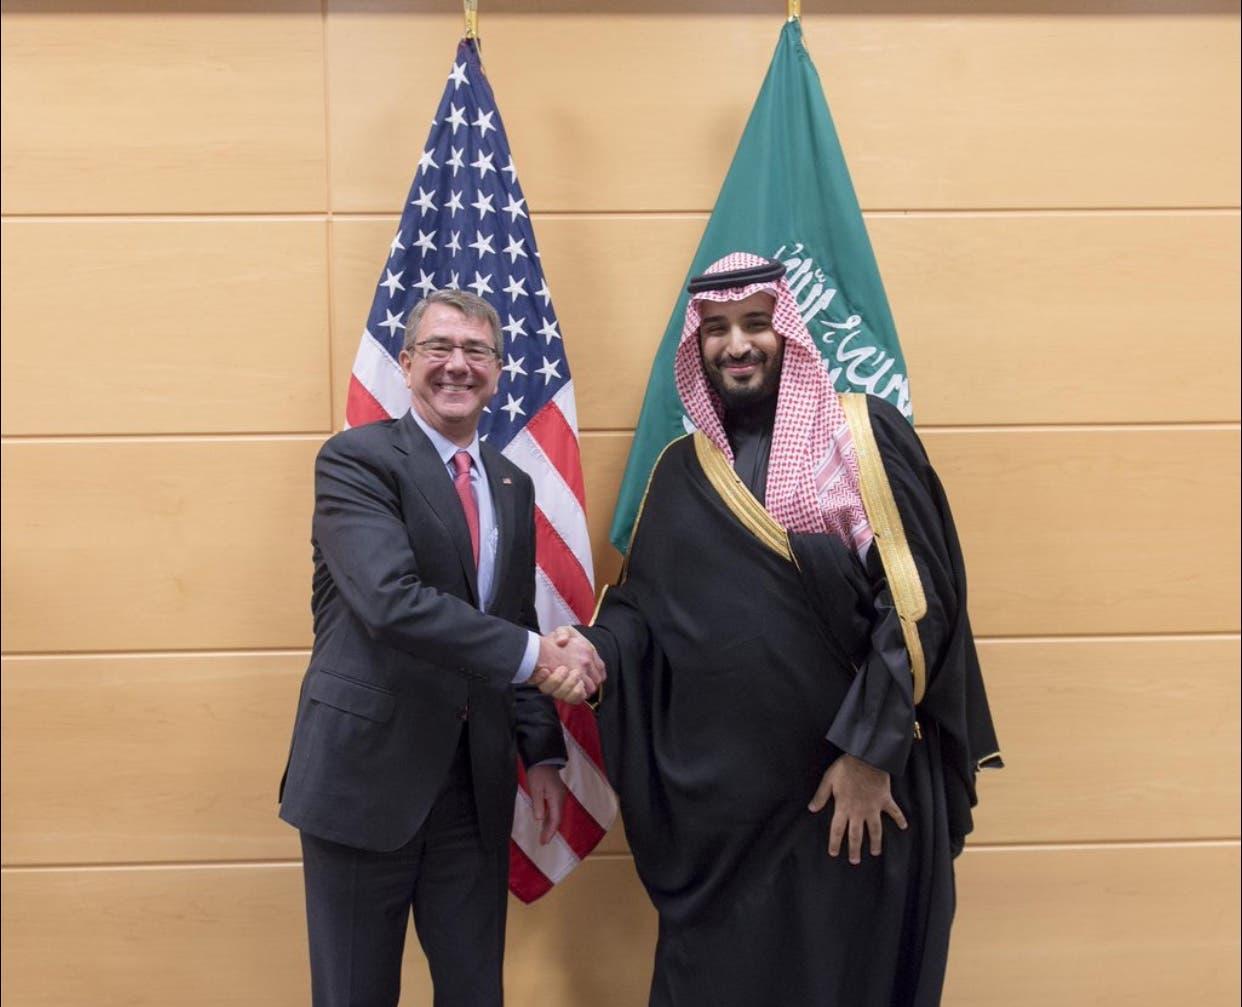 الأمير محمد بن سلمان ووزير الدفاع الأميركي آشتون كارتر